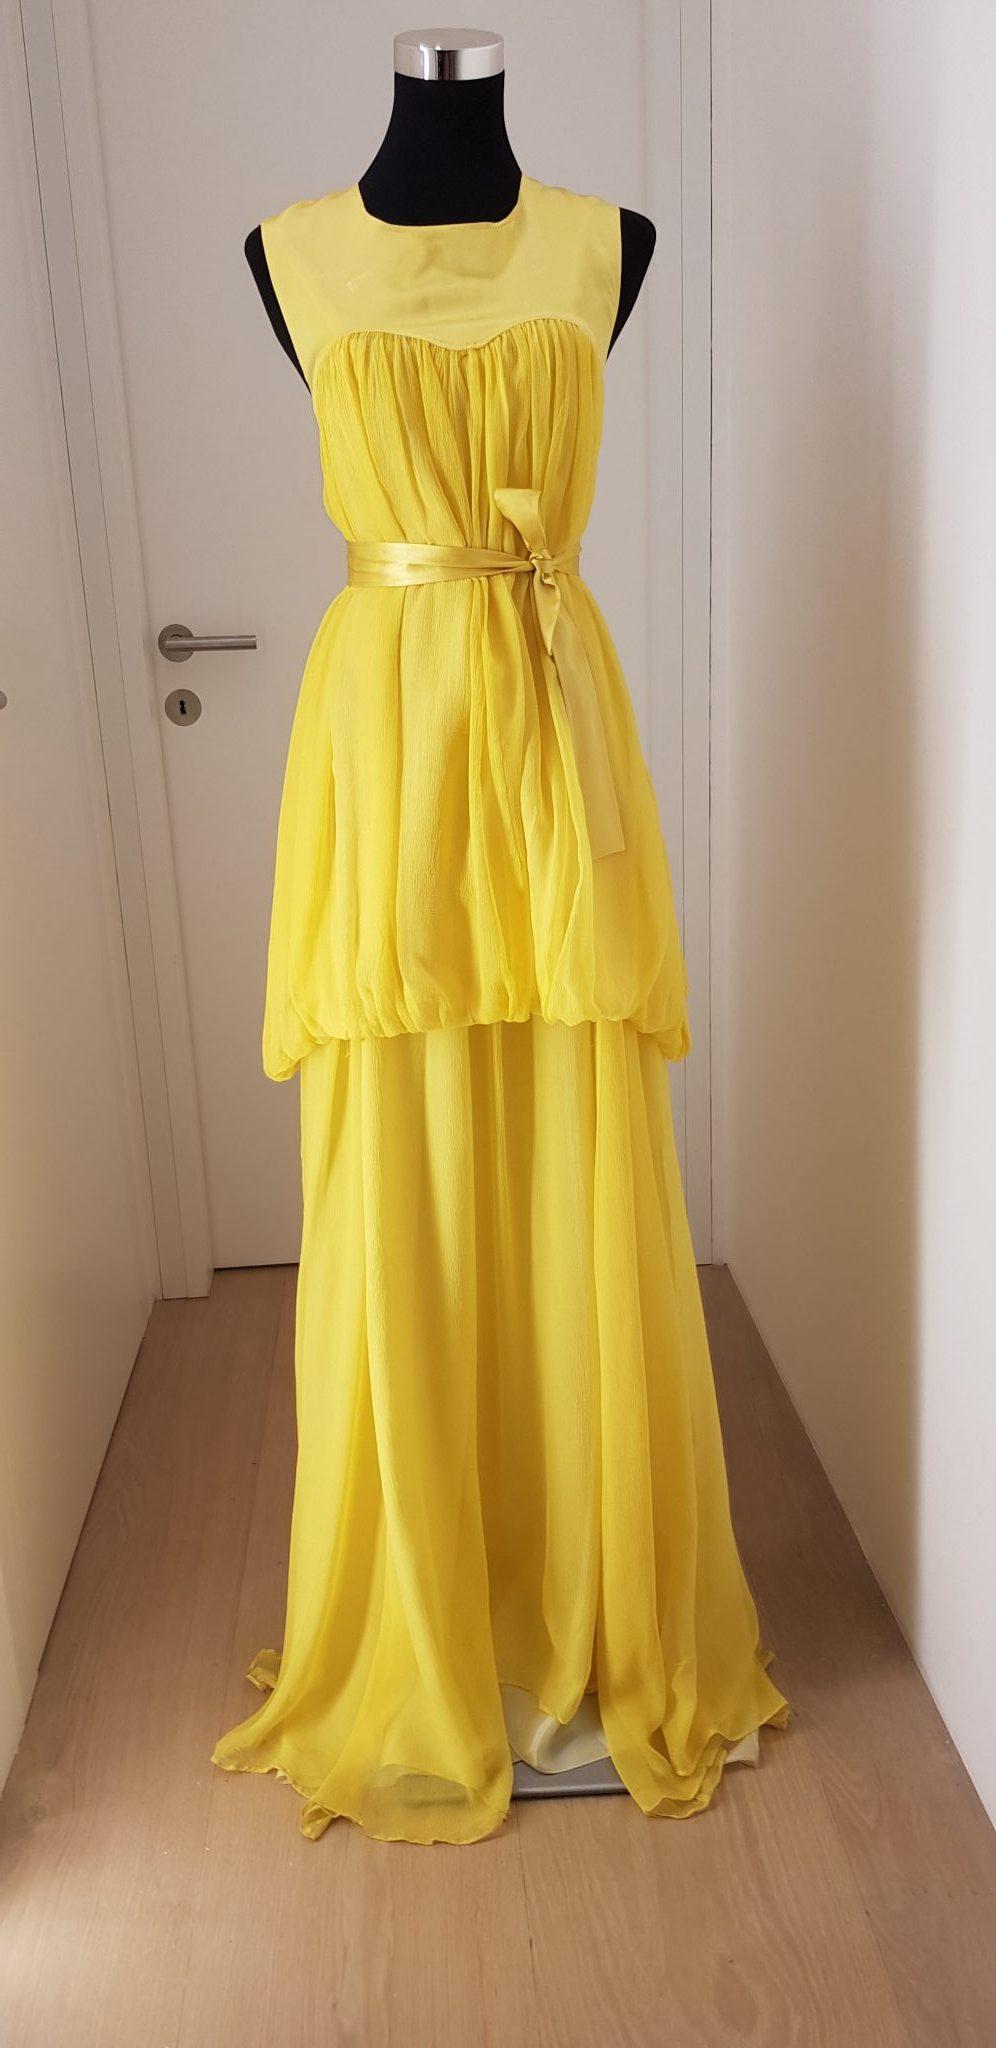 Ballkleid, Marcel Ostertag, gelb - Luxuspuppe-Luxusmode aus